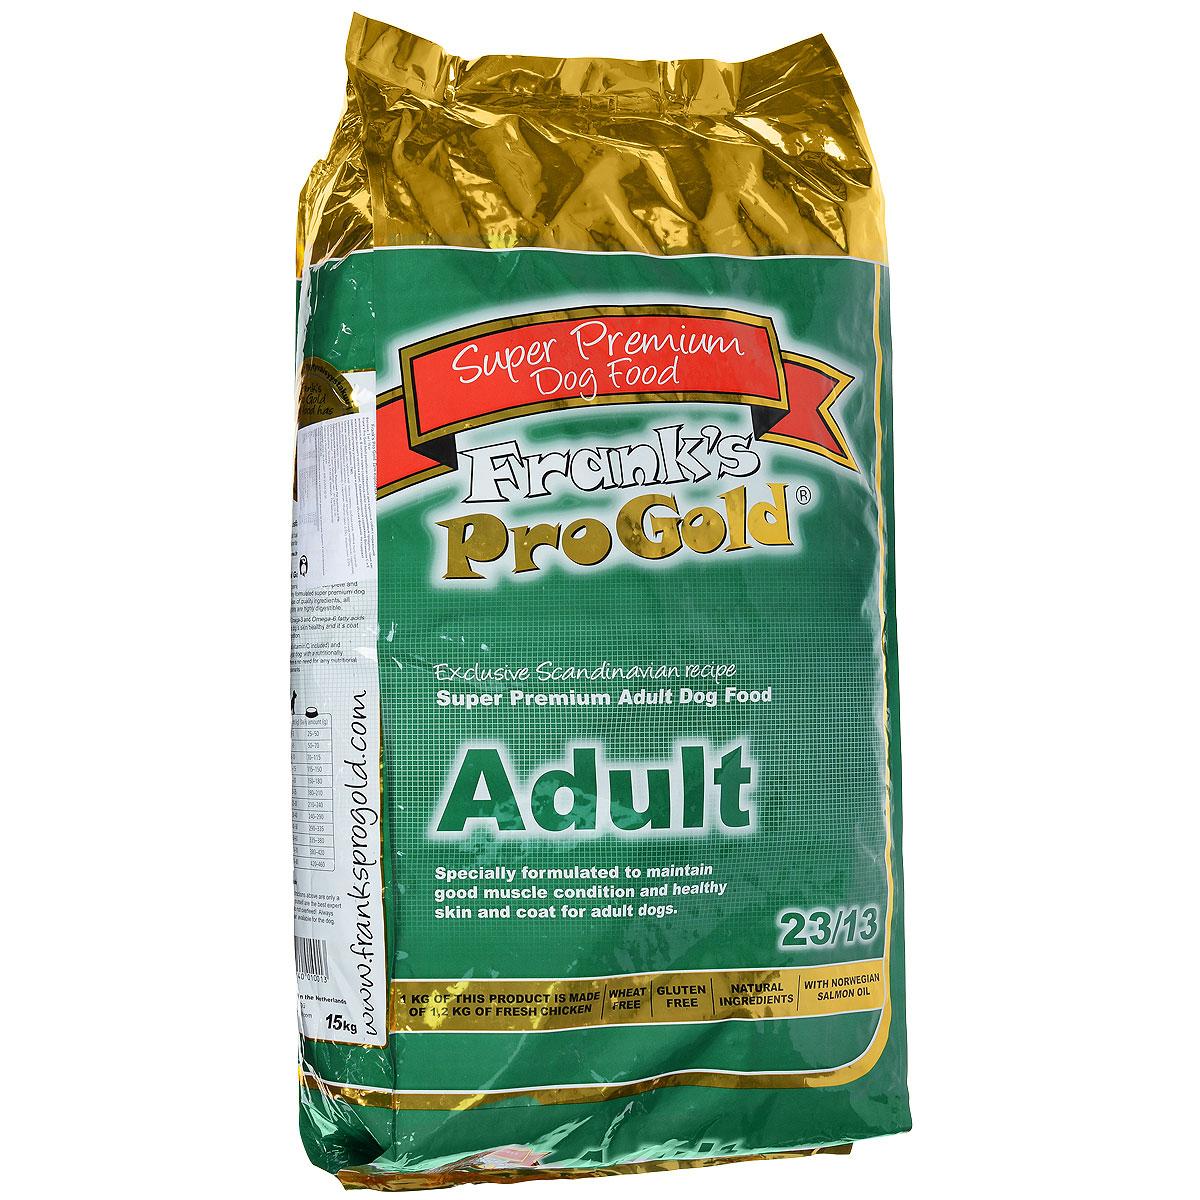 Корм сухой Franks ProGold для взрослых собак всех пород, 15 кг17929Сухой корм Franks ProGold разработан специально для взрослых собак с нормальной активностью. В составе корма содержатся легко перевариваемые продукты, такие как: мясо курицы высшего качества и рис. Сбалансированное содержание витаминов С и Е помогают лучшему усвоению пищи и уменьшению объема фекалий.Не содержит пшеницы, соевых добавок, ГМО.Состав: дегидрированное мясо курицы, маис, рис, куриный жир, свекла, дегидрированная рыба, кэроб, льняное семя, гидролизованная куриная печень, дрожжи, минералы и витамины, хондроитин, глюкозамин, L-карнитин, лецитин (минимум 0,5%), инулин (минимум 0,5% FOS), таурин. Пищевая ценность: белки 23,0%, жиры 13,0%, клетчатка 2,5%, зола 8,0%, влажность 9,5%, фосфор 1,2%, кальций 1,6%.Добавки: витамин-A (E672) 18000 IU/кг, витамин-D3 (E671) 1800 IU/кг, витамин-E (альфа токоферола ацетат) 153 мг/кг, витамин-C (фосфат аскорбиновой кислоты) 100 мг/кг, E1 50 мг/кг, E2 1,5 мг/кг, E4 5 мг/кг, E5 35 мг/кг, E6 65 мг/кг. Товар сертифицирован.